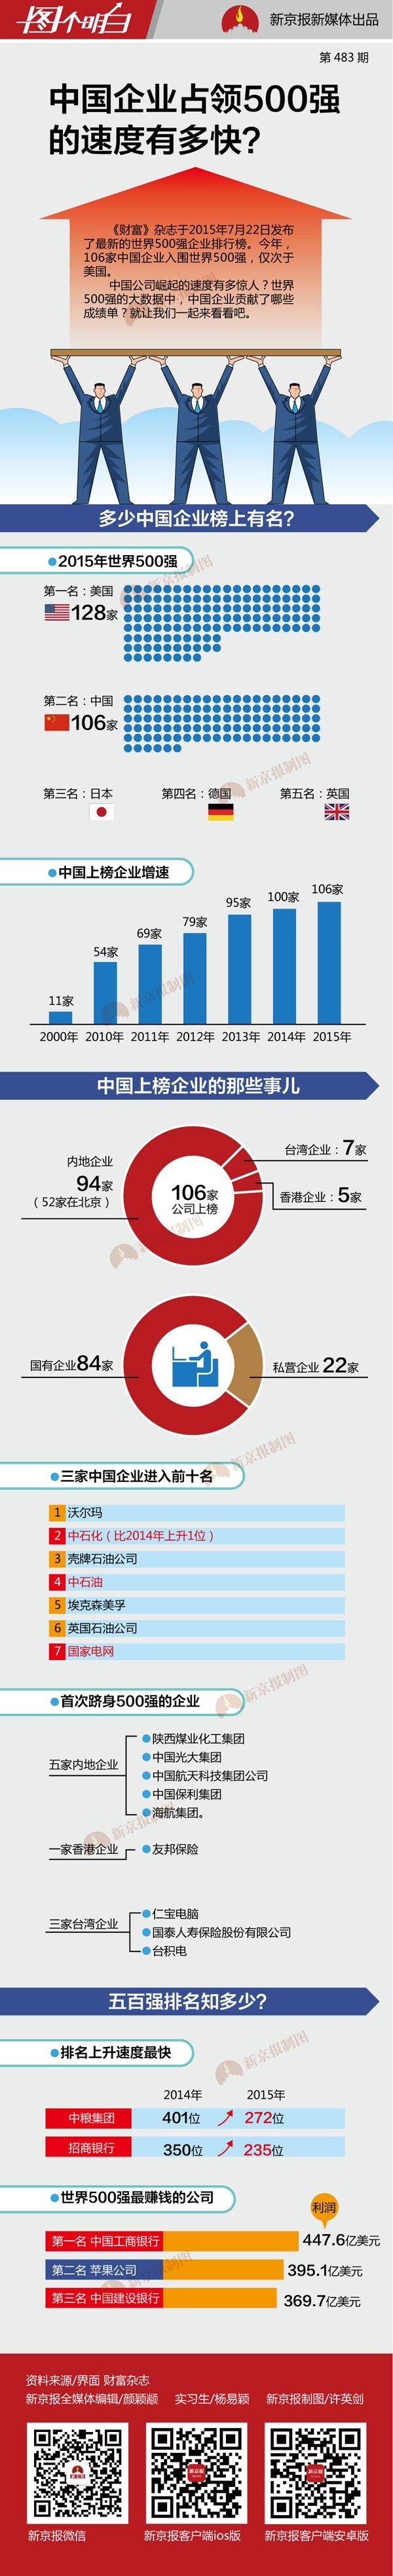 2015年中国民营企业500强排行榜 - 记彔无疆 - 数字中国